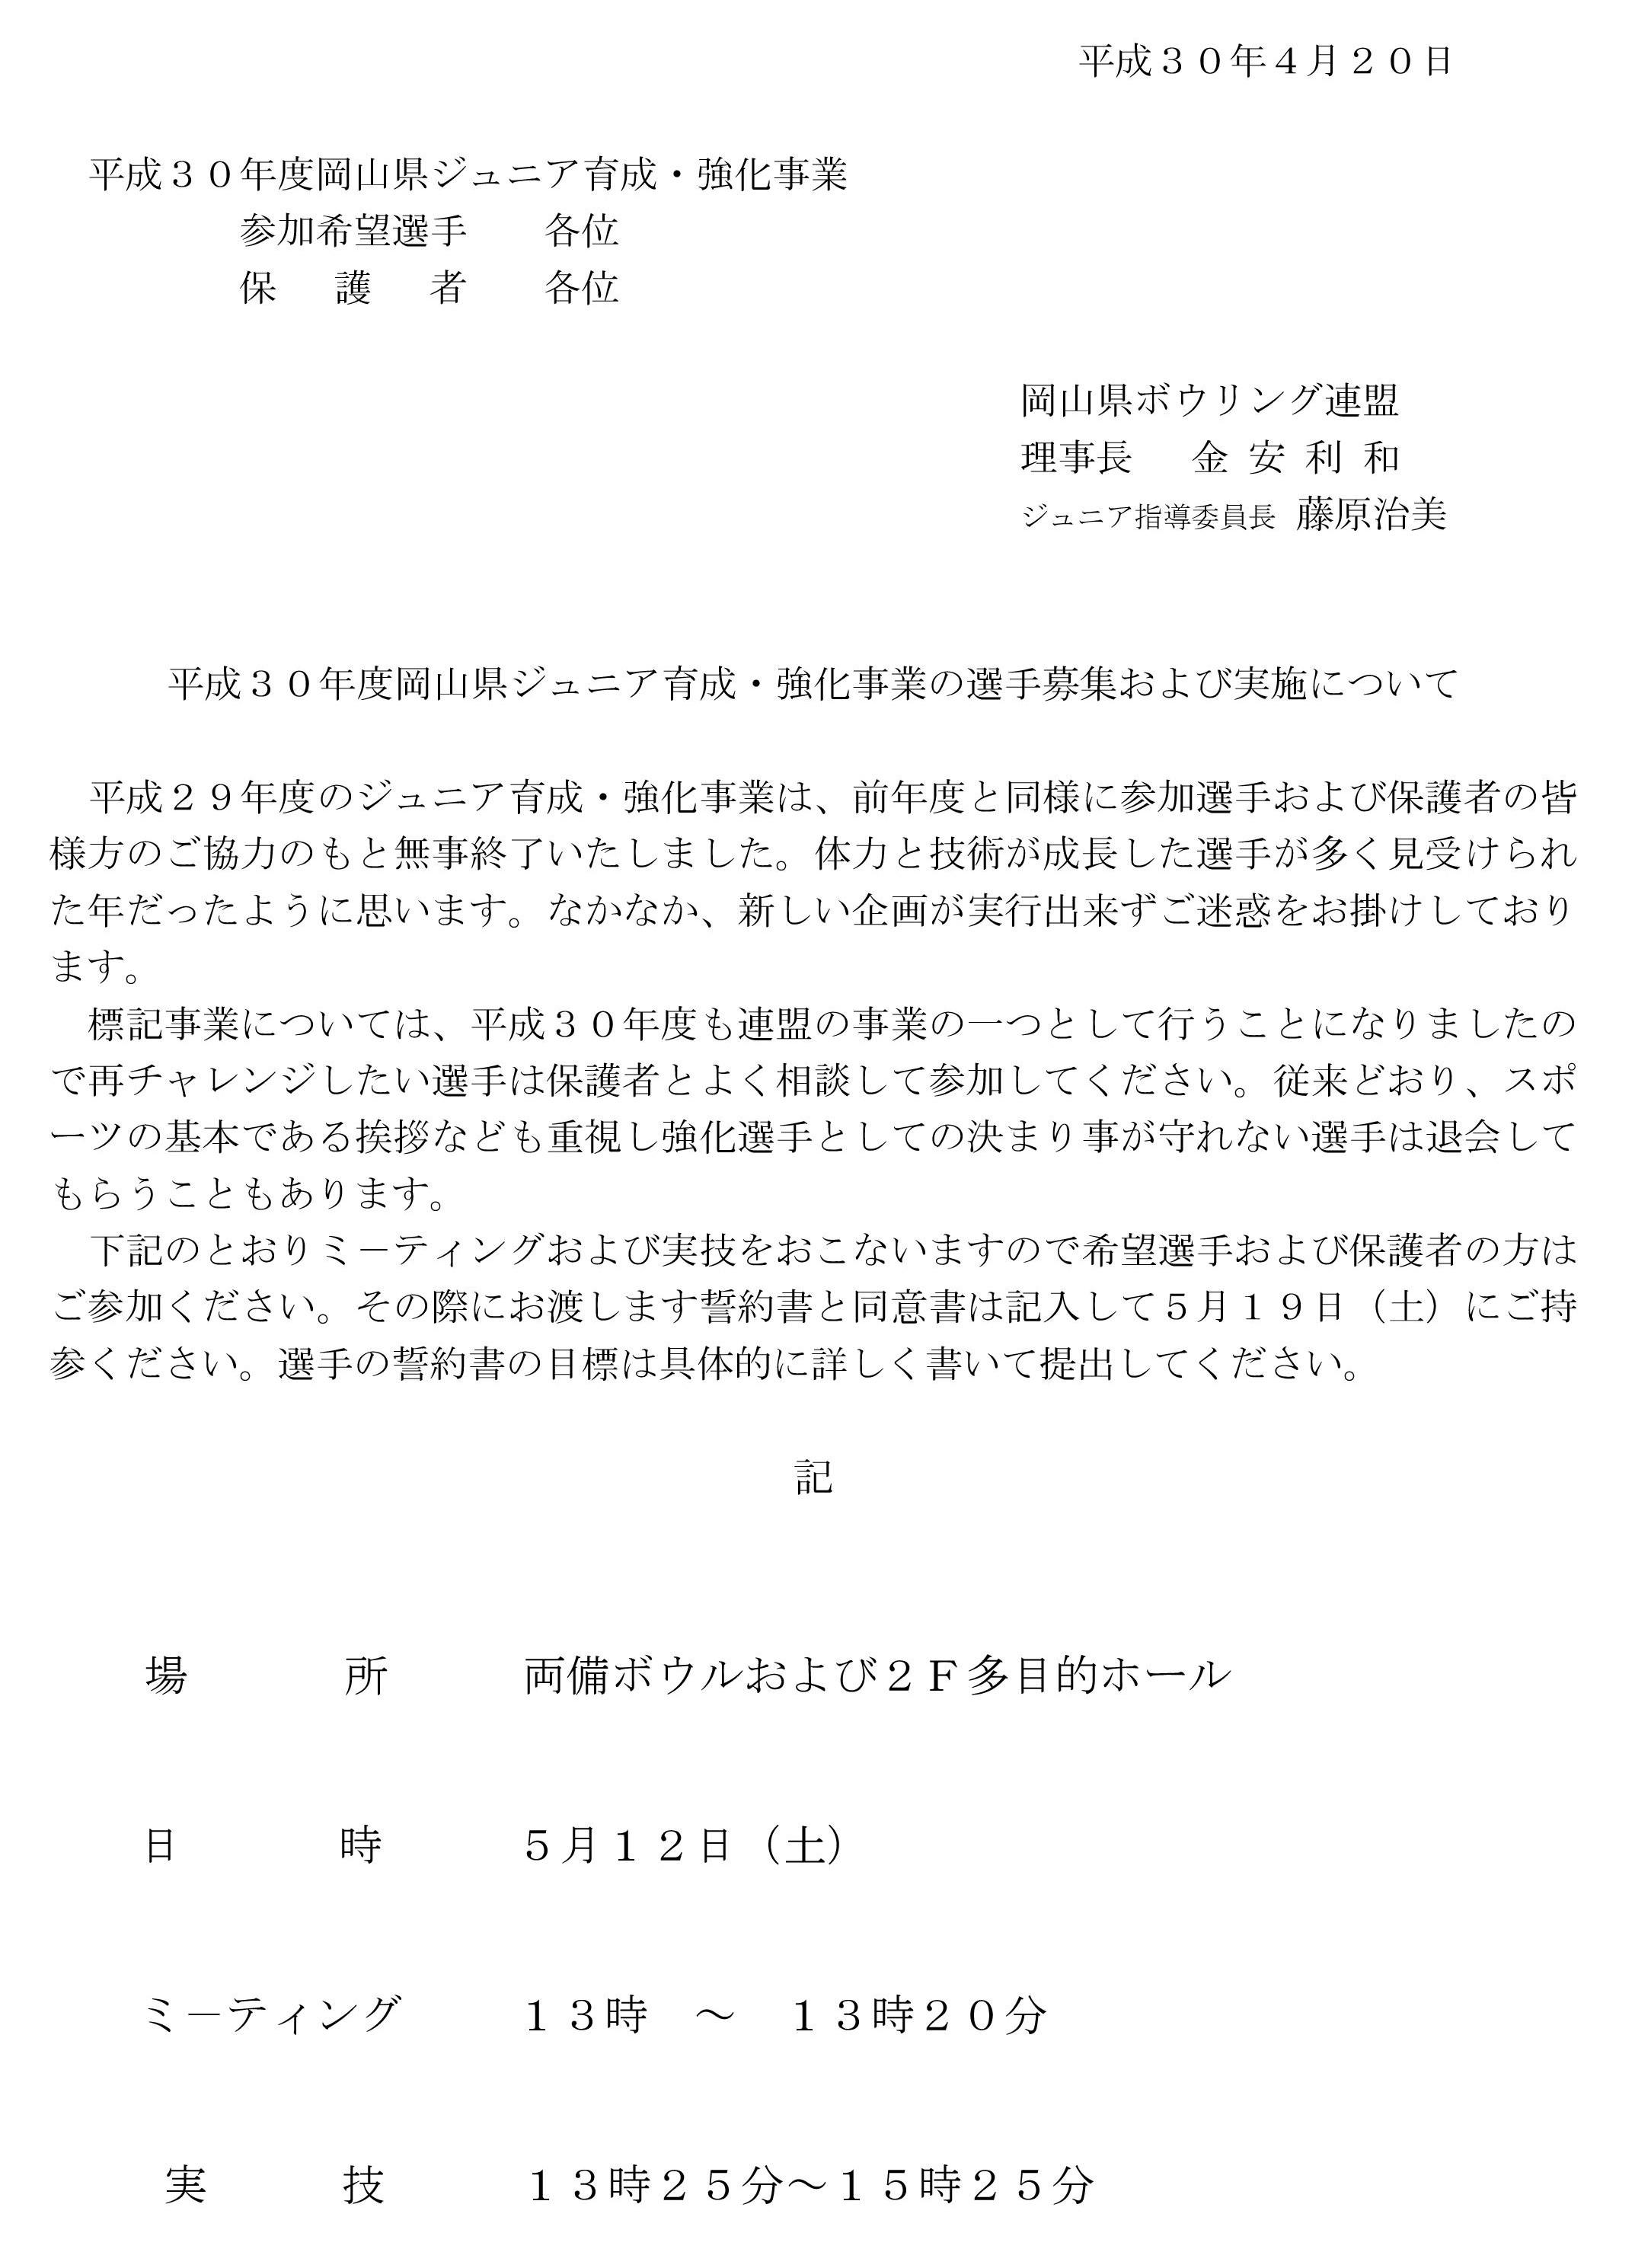 Microsoft Word - ジュニア育成・強化案内-001.jpg